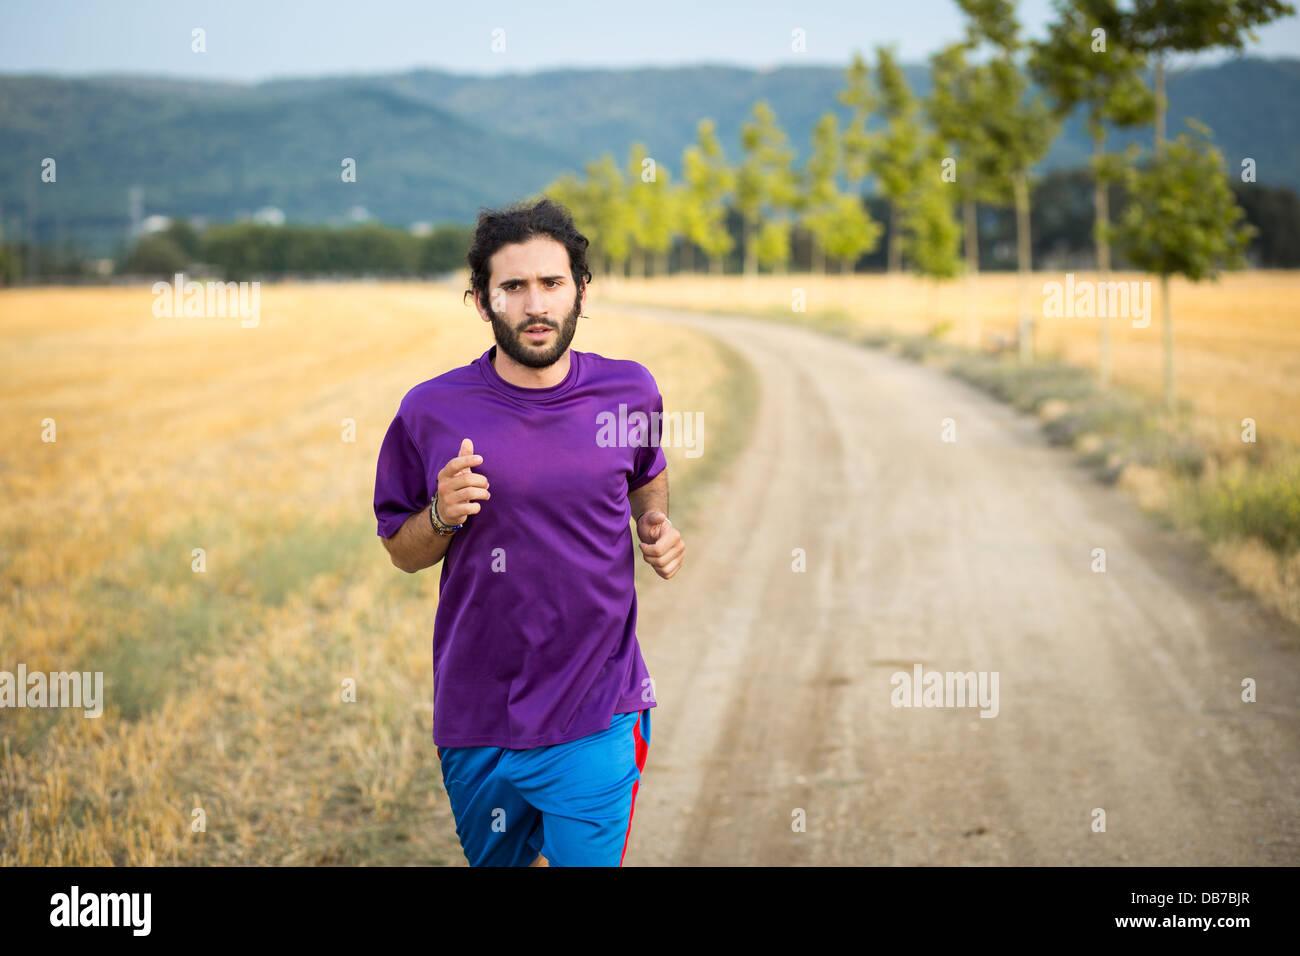 Atlético joven hombre corriendo en la naturaleza Imagen De Stock